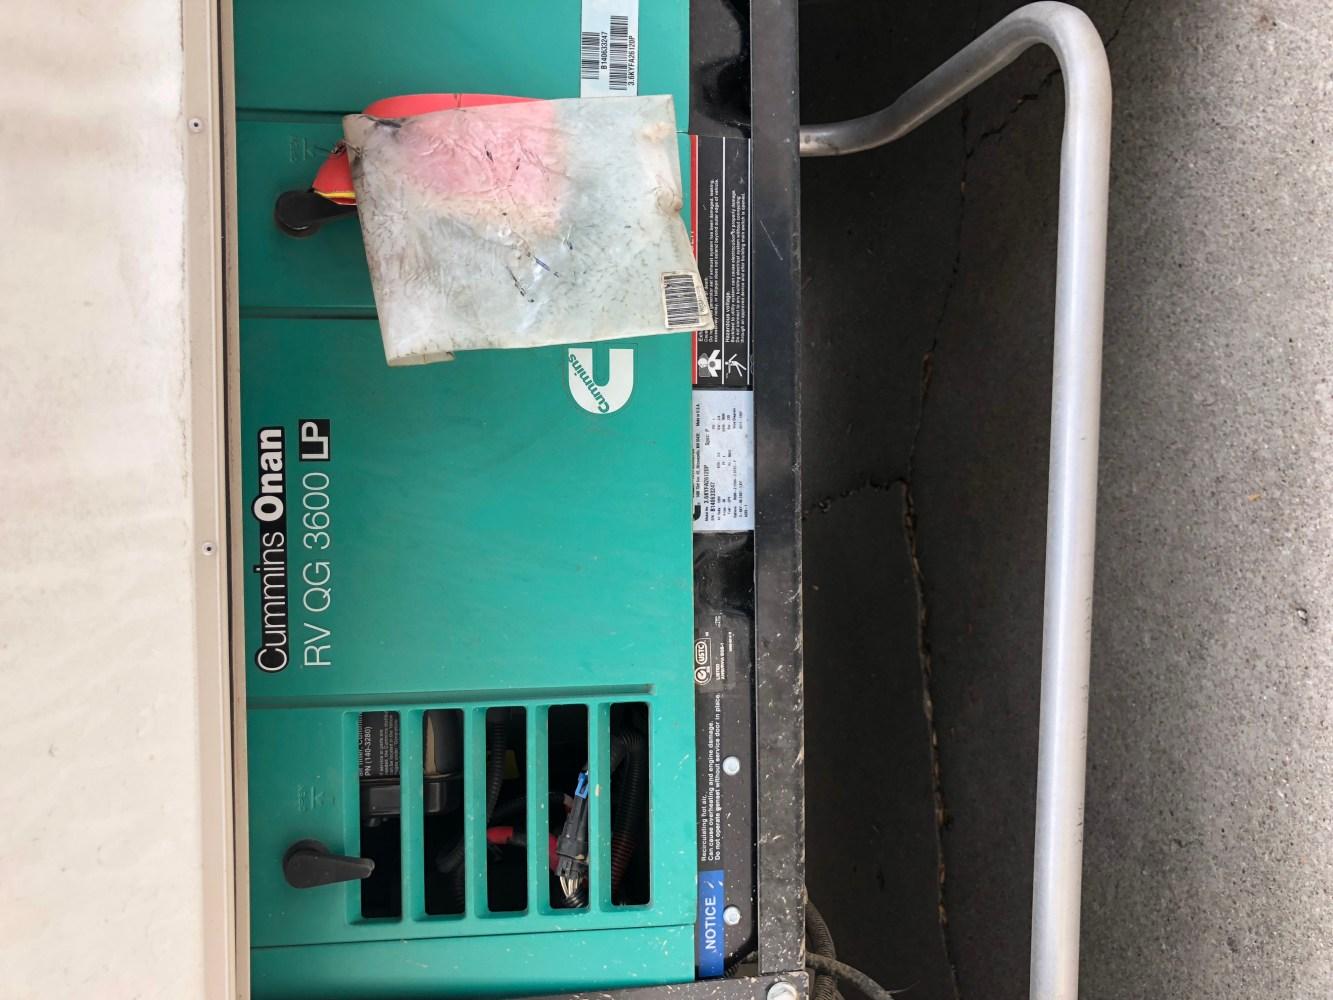 medium resolution of  onan 4000 generator wiring diagram 0611 1267 onan generator company onan rv qg generator wiring